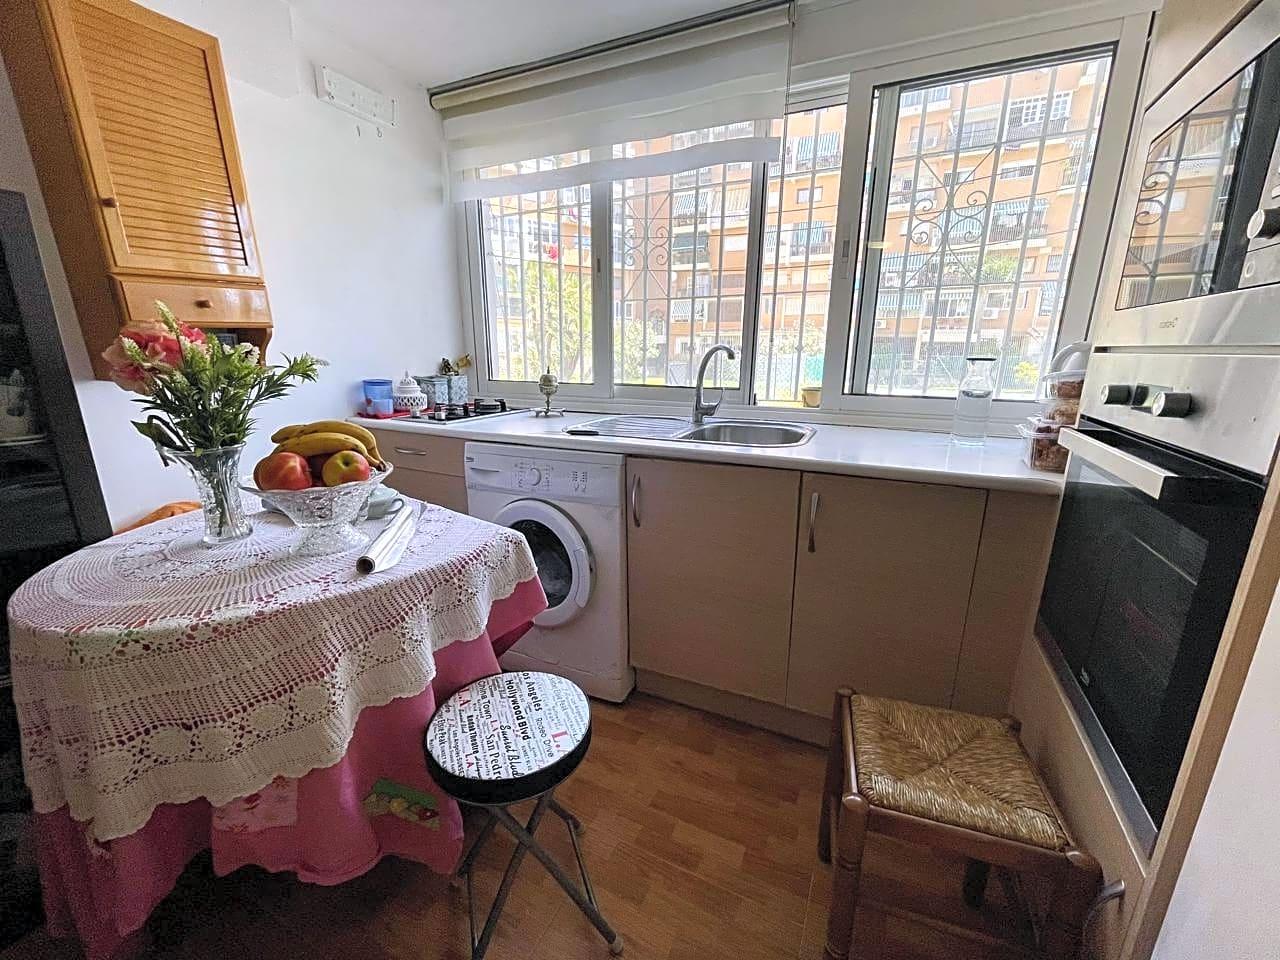 pisos en marbella · avenida-las-palmeras-29601 90000€